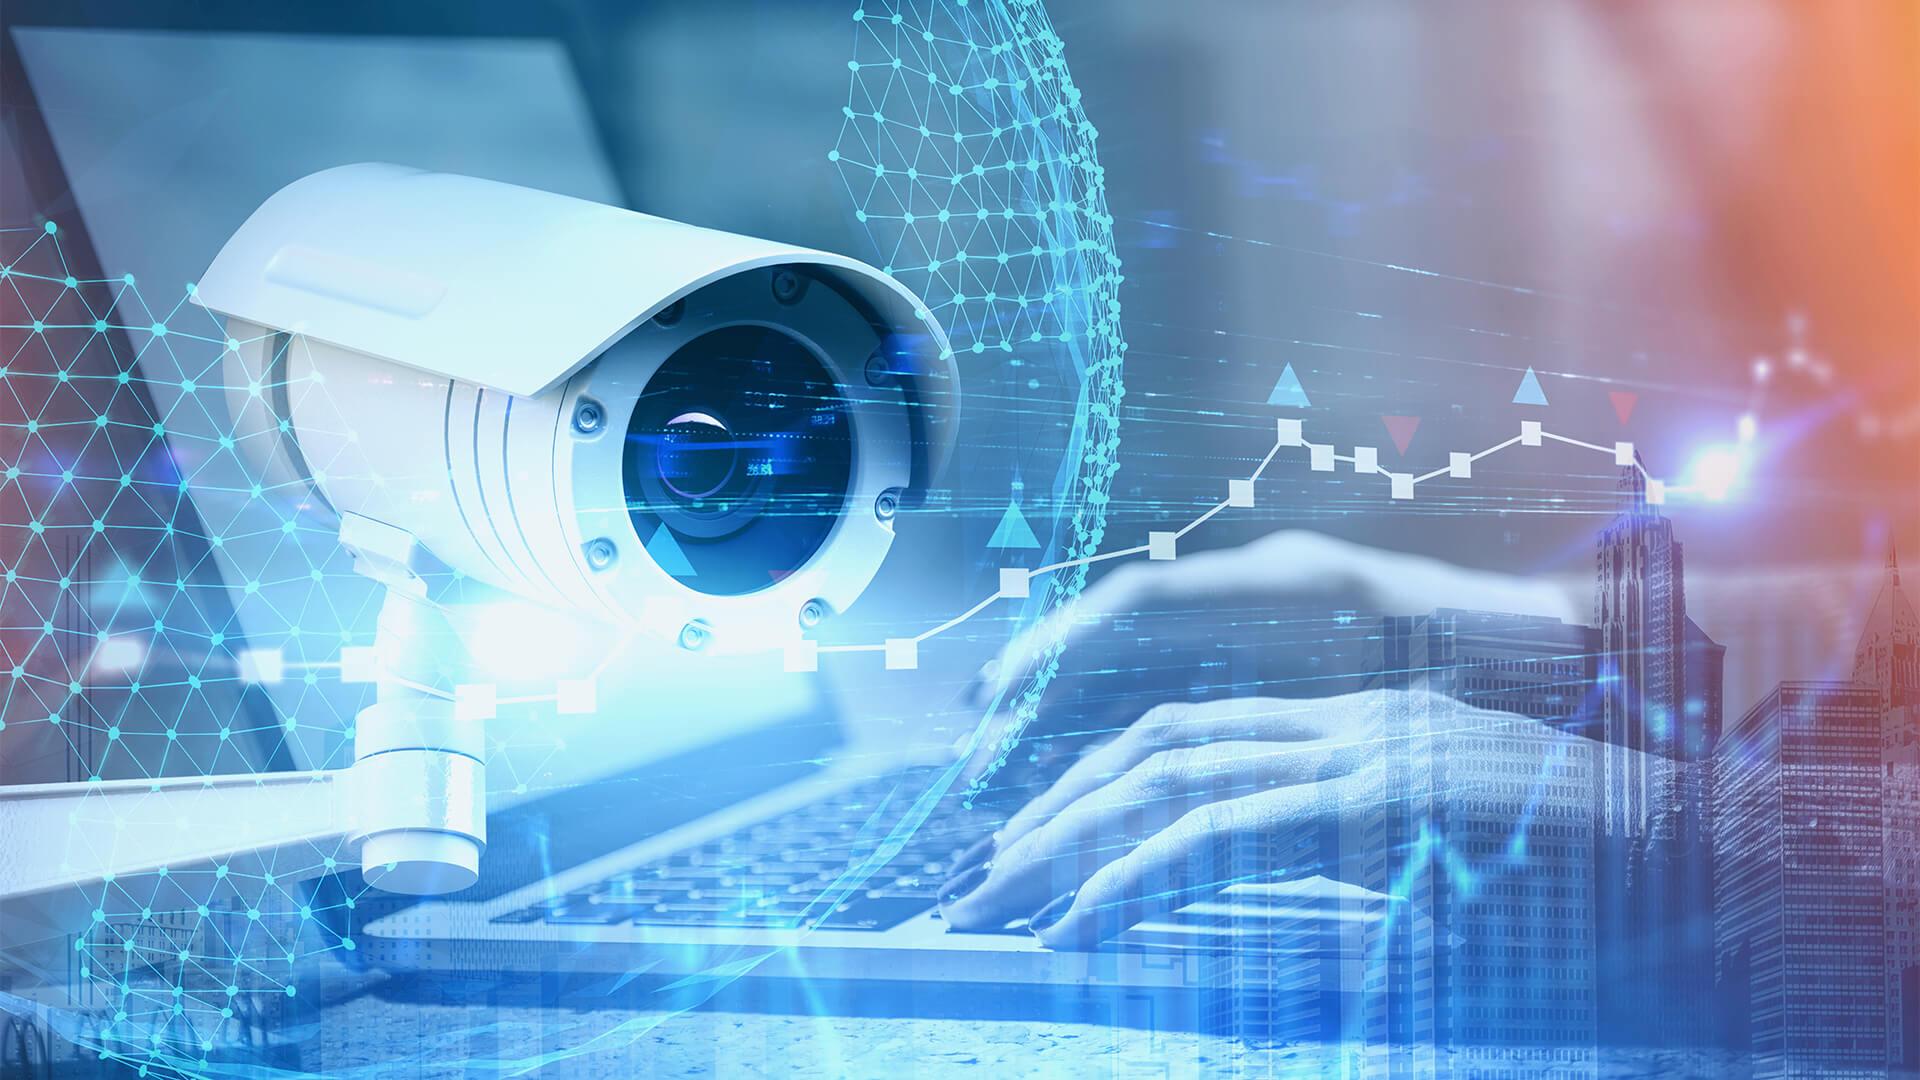 Tech surveillance